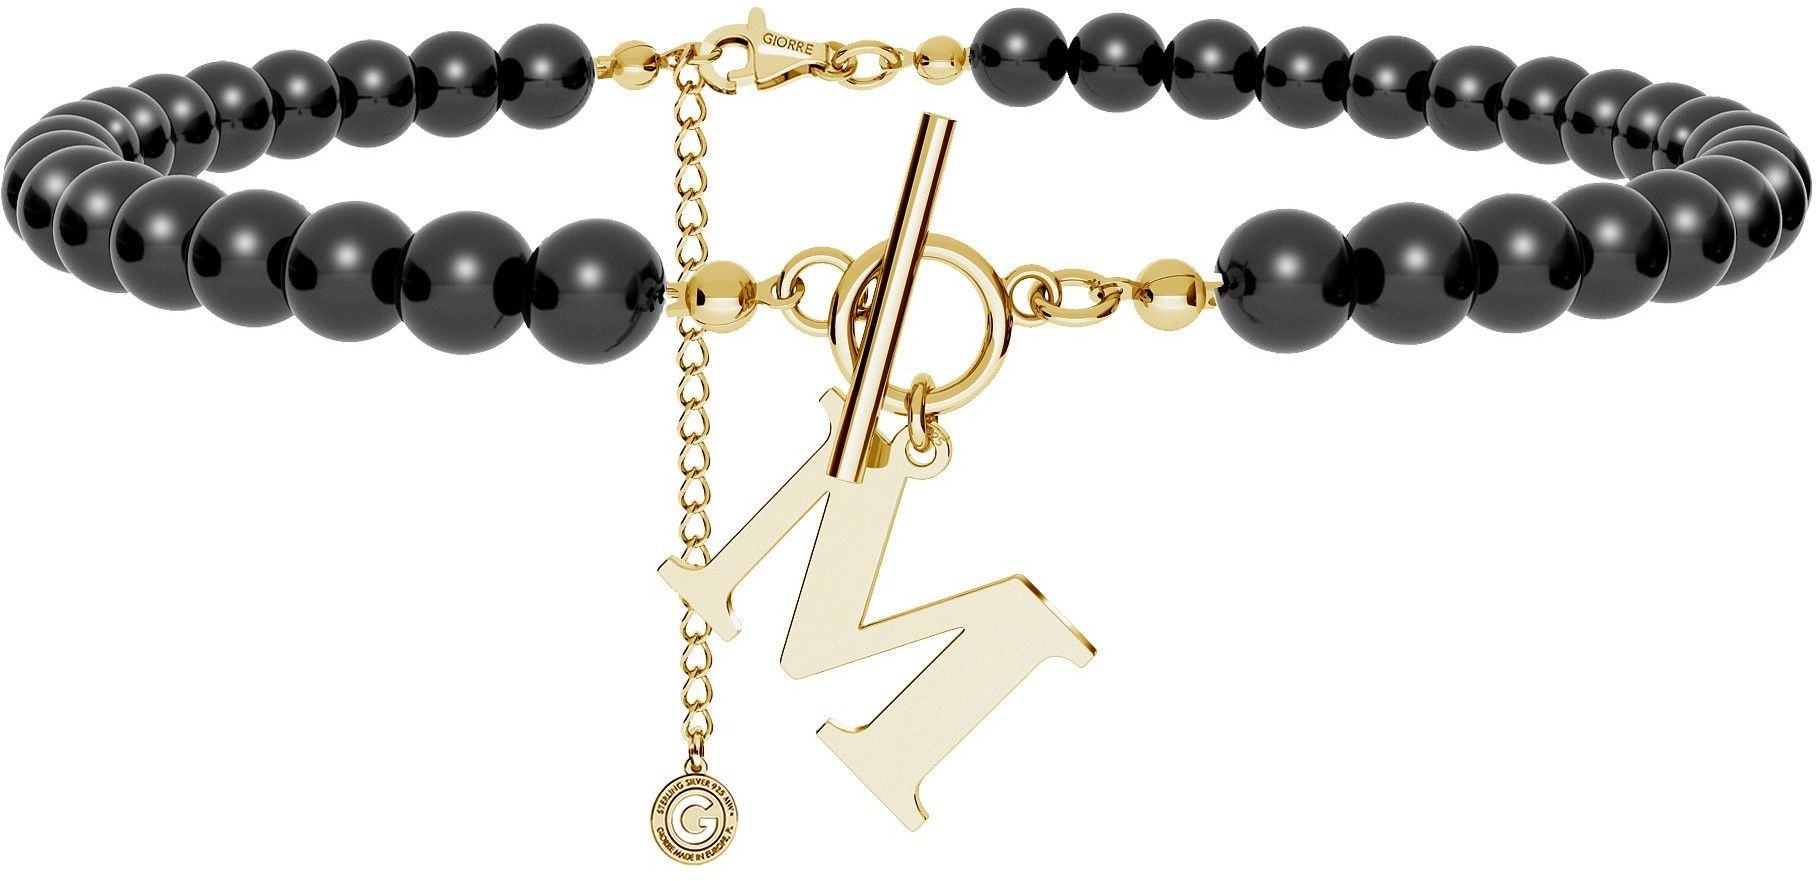 Czarny perłowy choker z dowolną literą, Swarovski, srebro 925 : Litera - N, Srebro - kolor pokrycia - Pokrycie żółtym 18K złotem